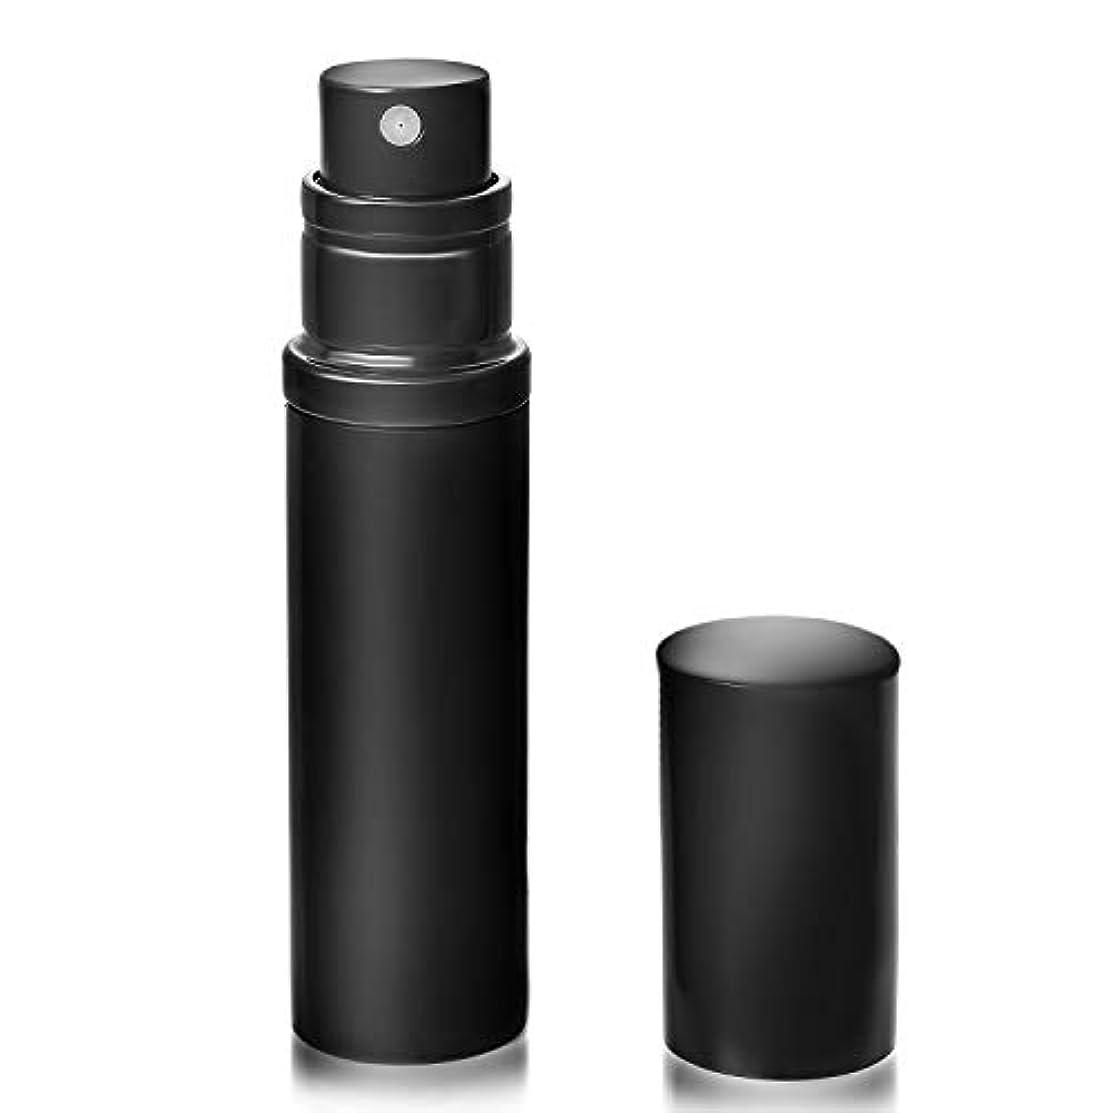 ナイロン乱雑な批判アトマイザ- 香水 クイックアトマイザー ワンタッチ 入れ物 簡単 持ち運び 詰め替え ポータブルクイック 容器 香水噴霧器 ブラック YOOMARO